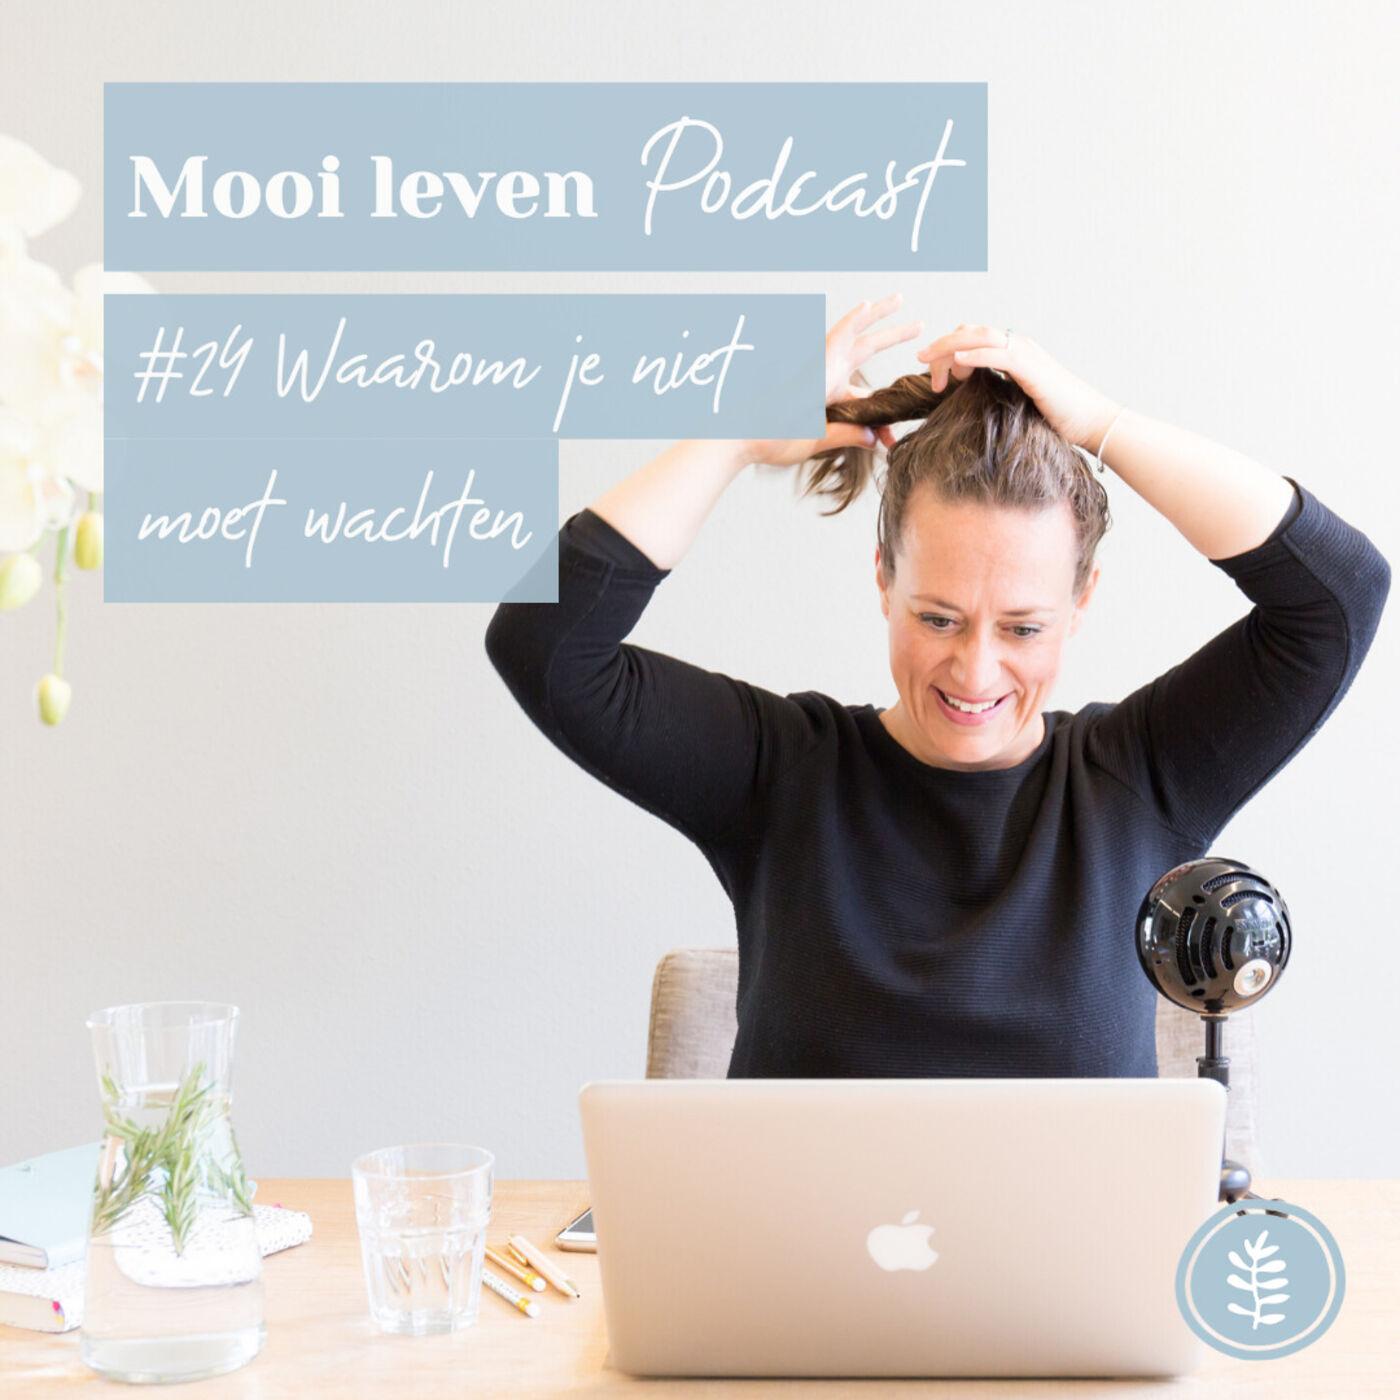 Mooi Leven Podcast #24 | Waarom je niet moet wachten